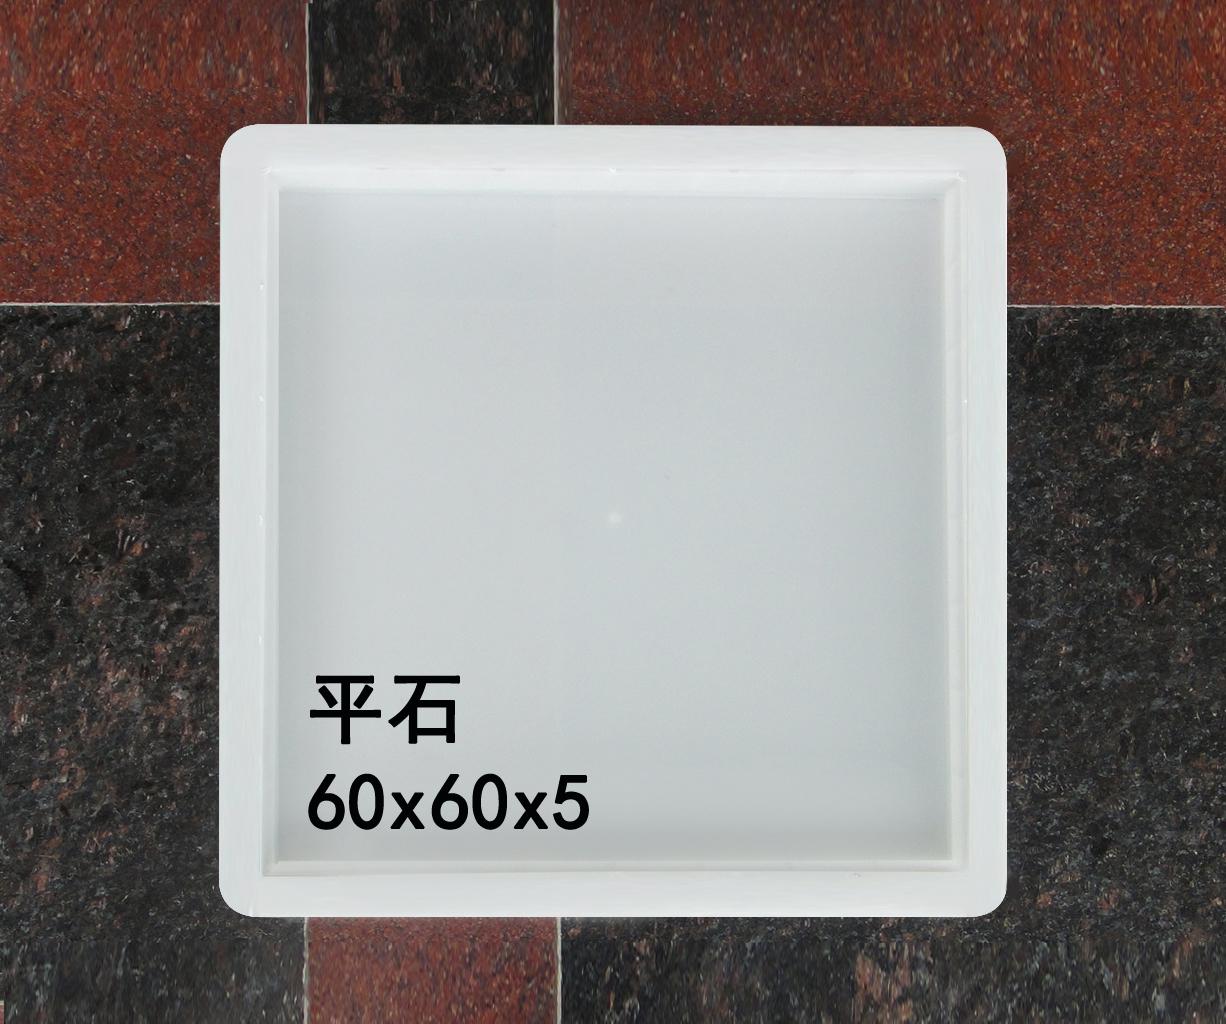 平石:60x60x5(1500g)